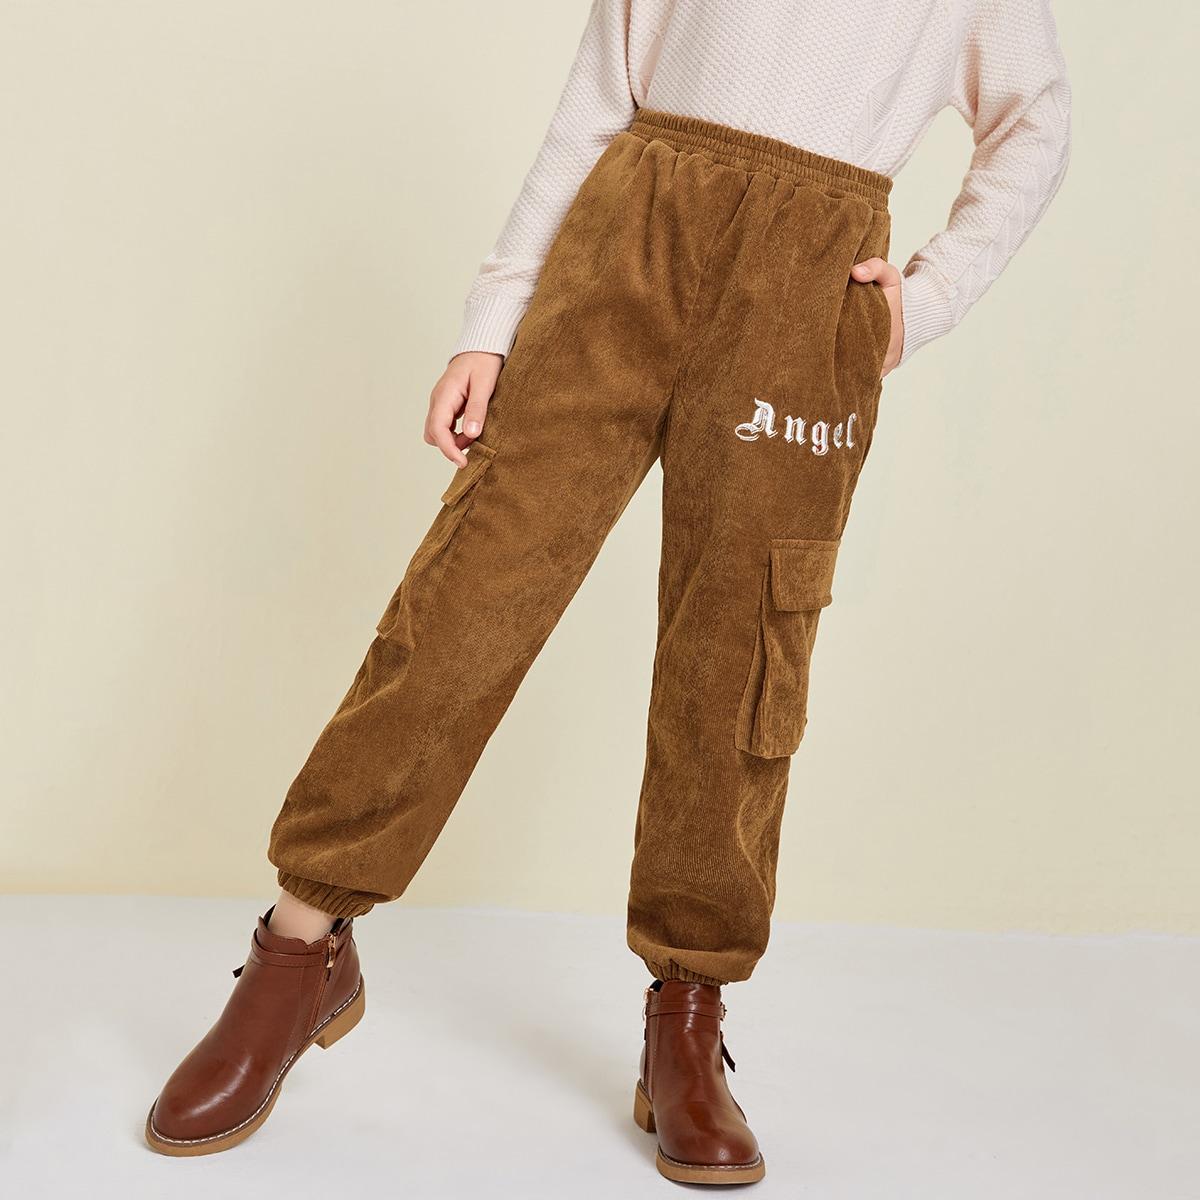 Карман буква повседневный брюки для девочек